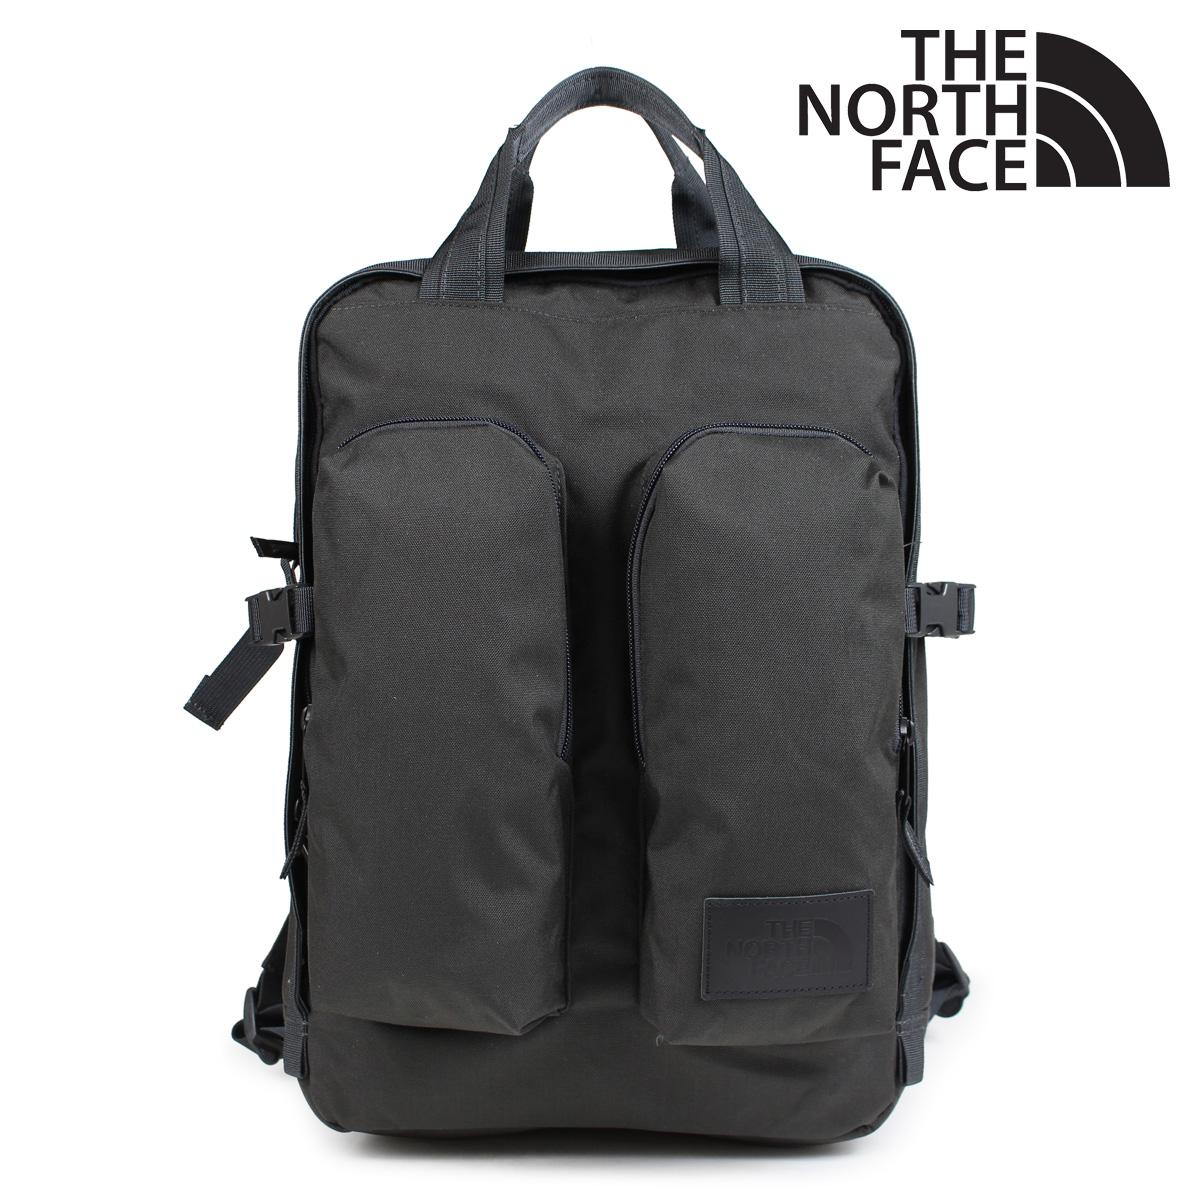 THE NORTH FACE ノースフェイス リュック メンズ バックパック MINI CREVASSE T93G8LMN1 ダークグレー